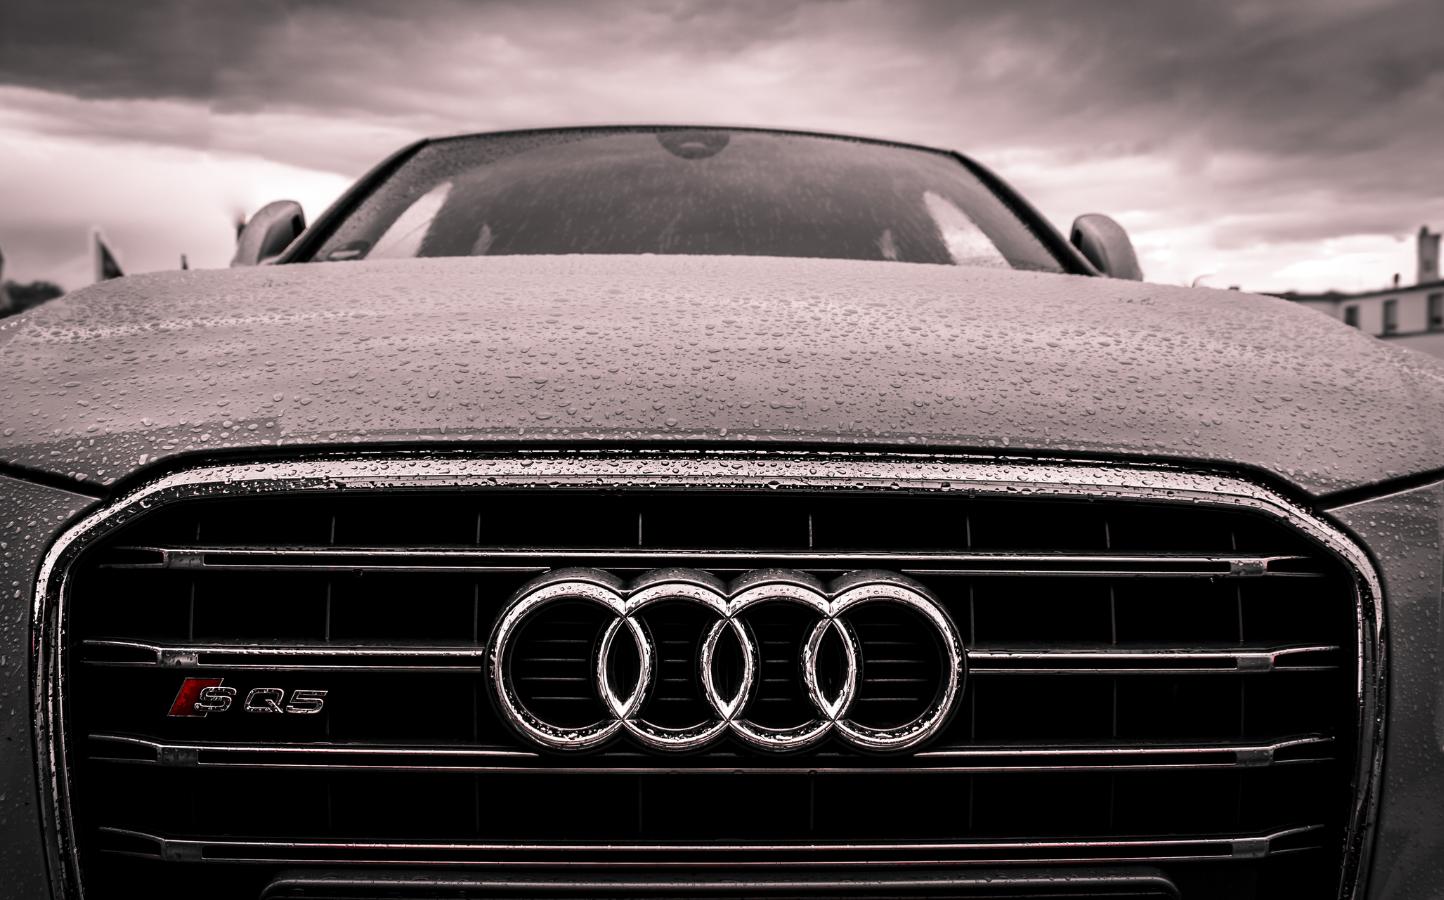 Elektryzujące jazdy próbne — testowanie uprzedzeń